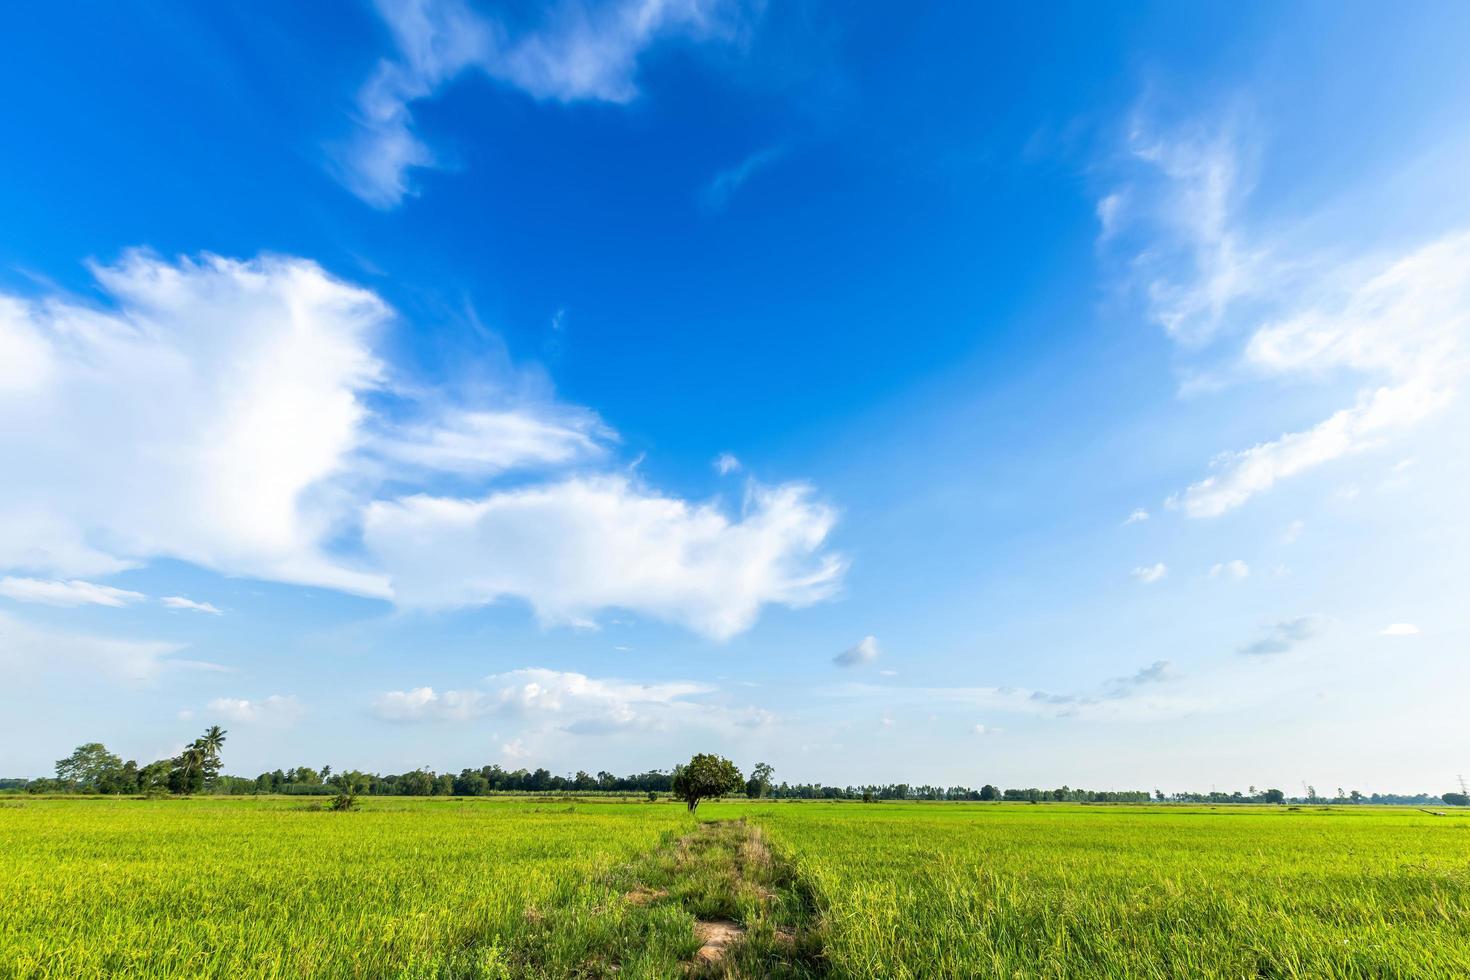 en gångväg i ett grönt sädesfält leder till en uppsättning träd foto